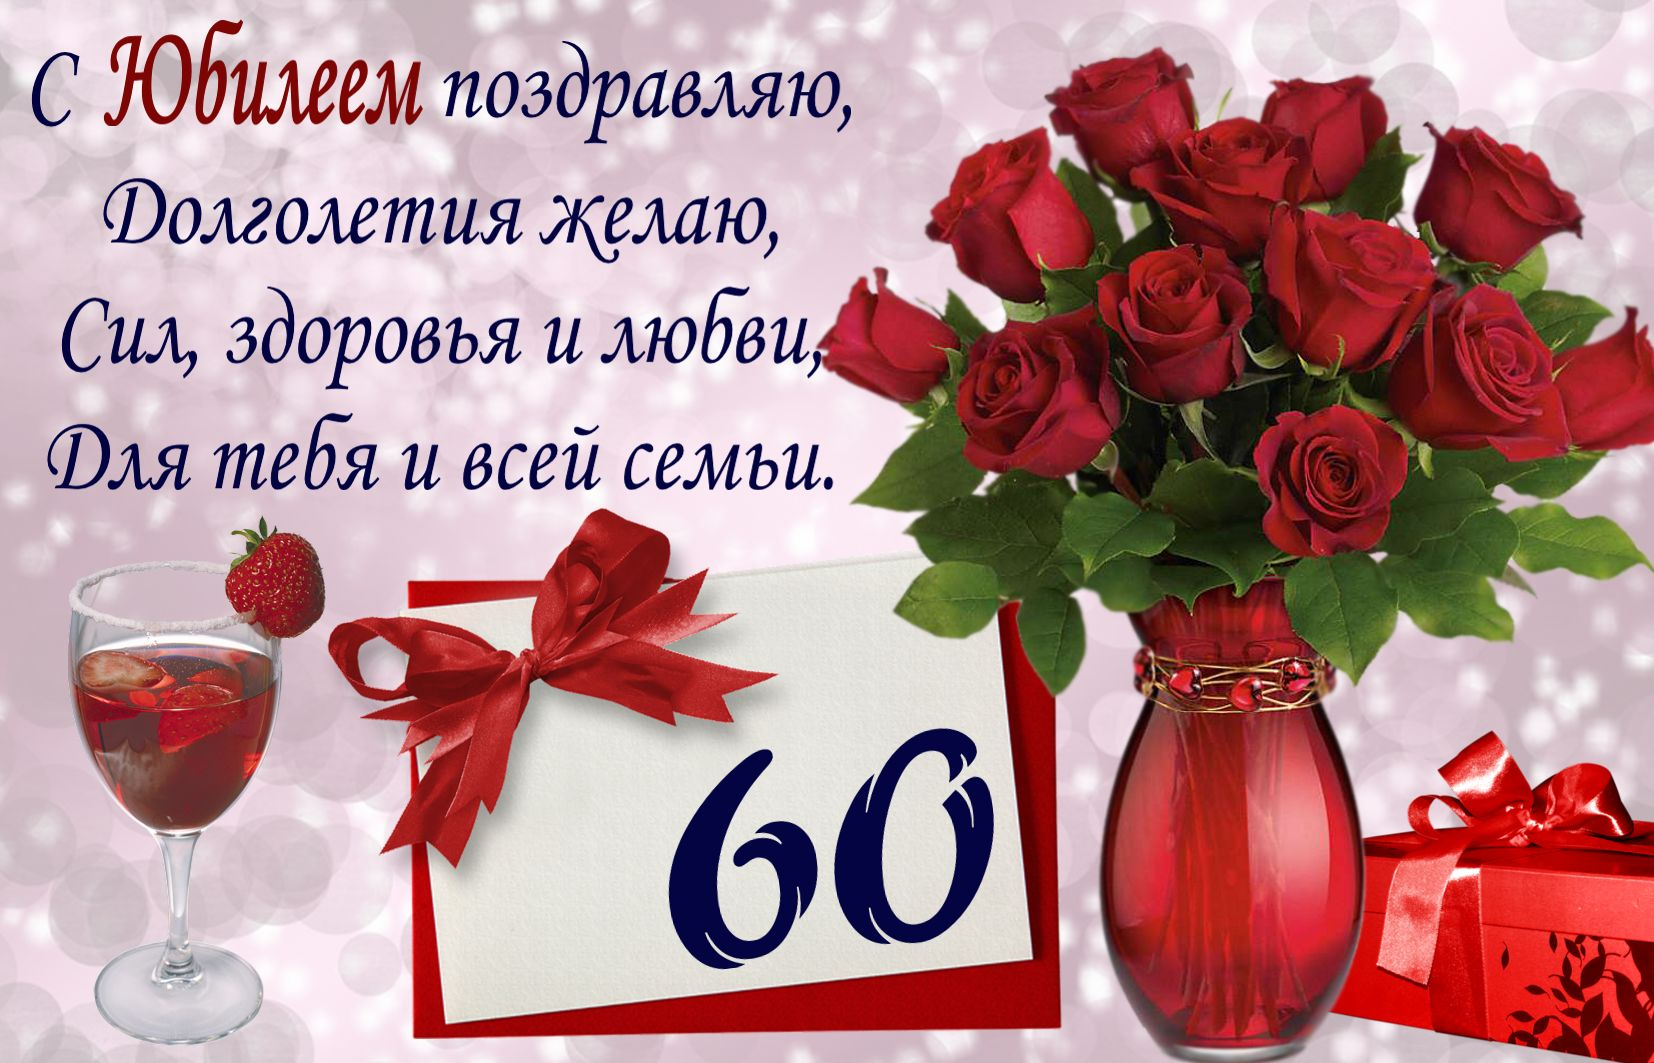 Красивое поздравление с юбилеем 60 лет мужу от жены